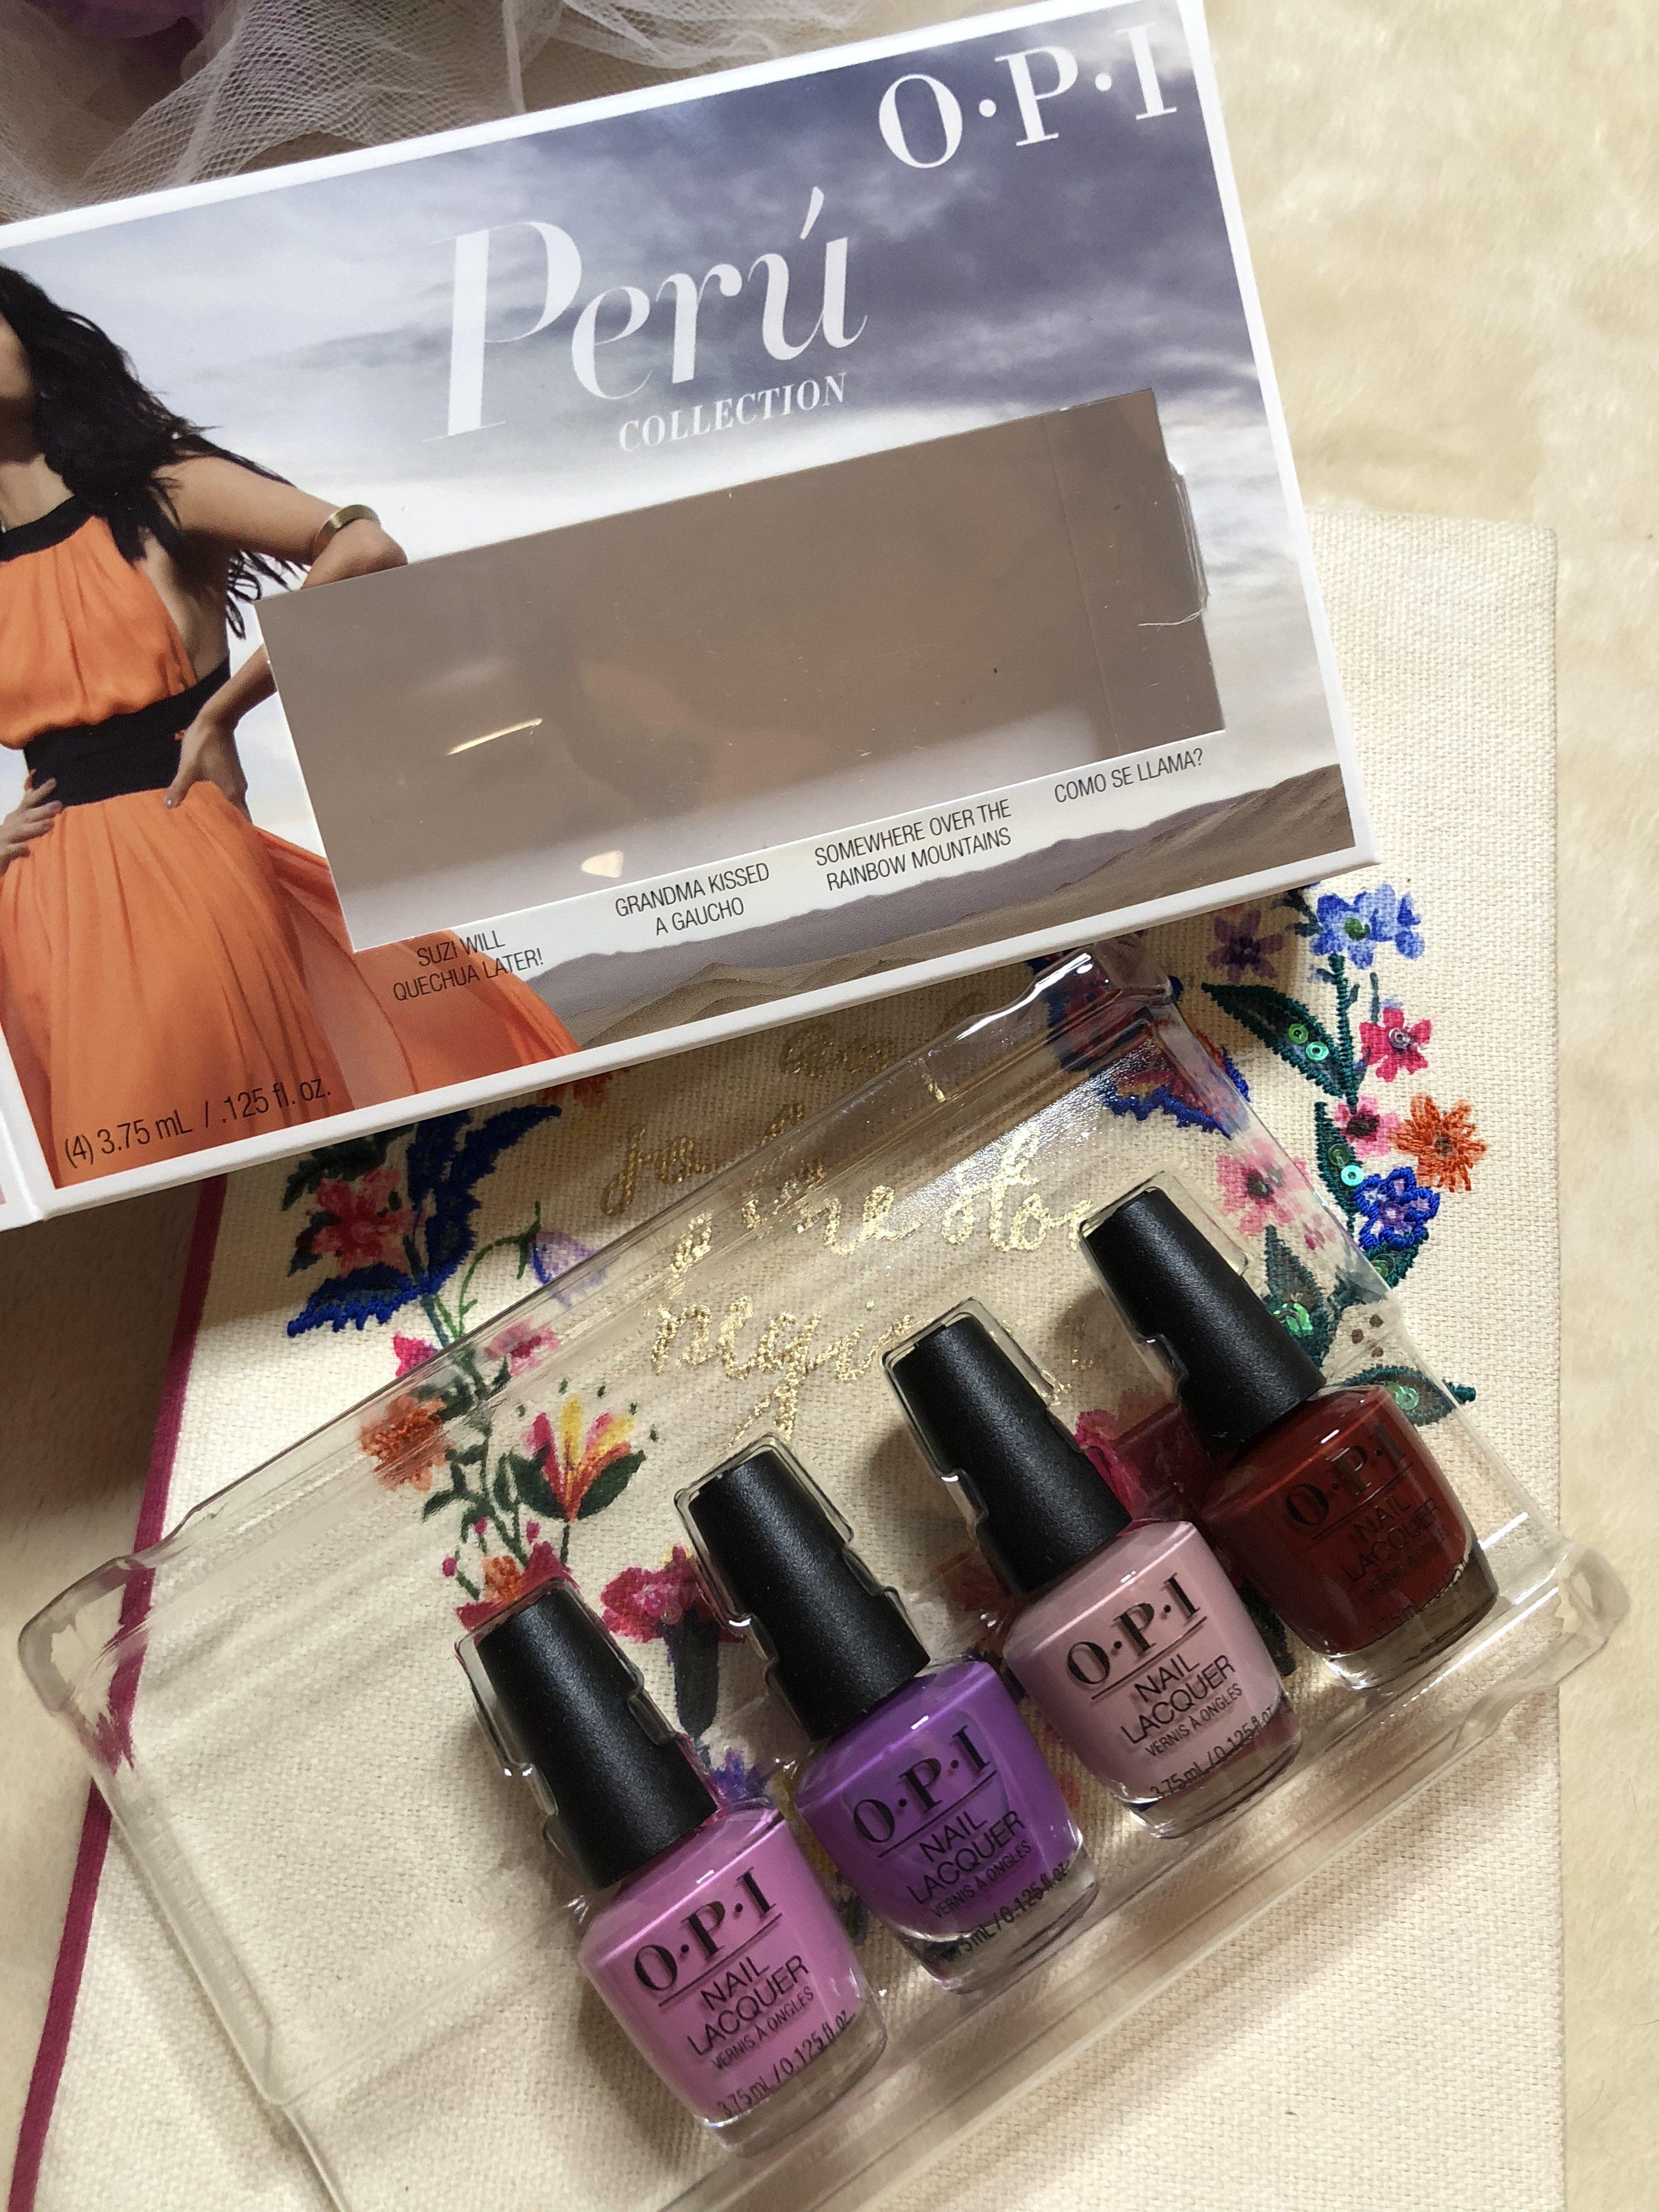 Perù Collection: la nuova collezione di smalti Opi (quattro nuance adorabili)